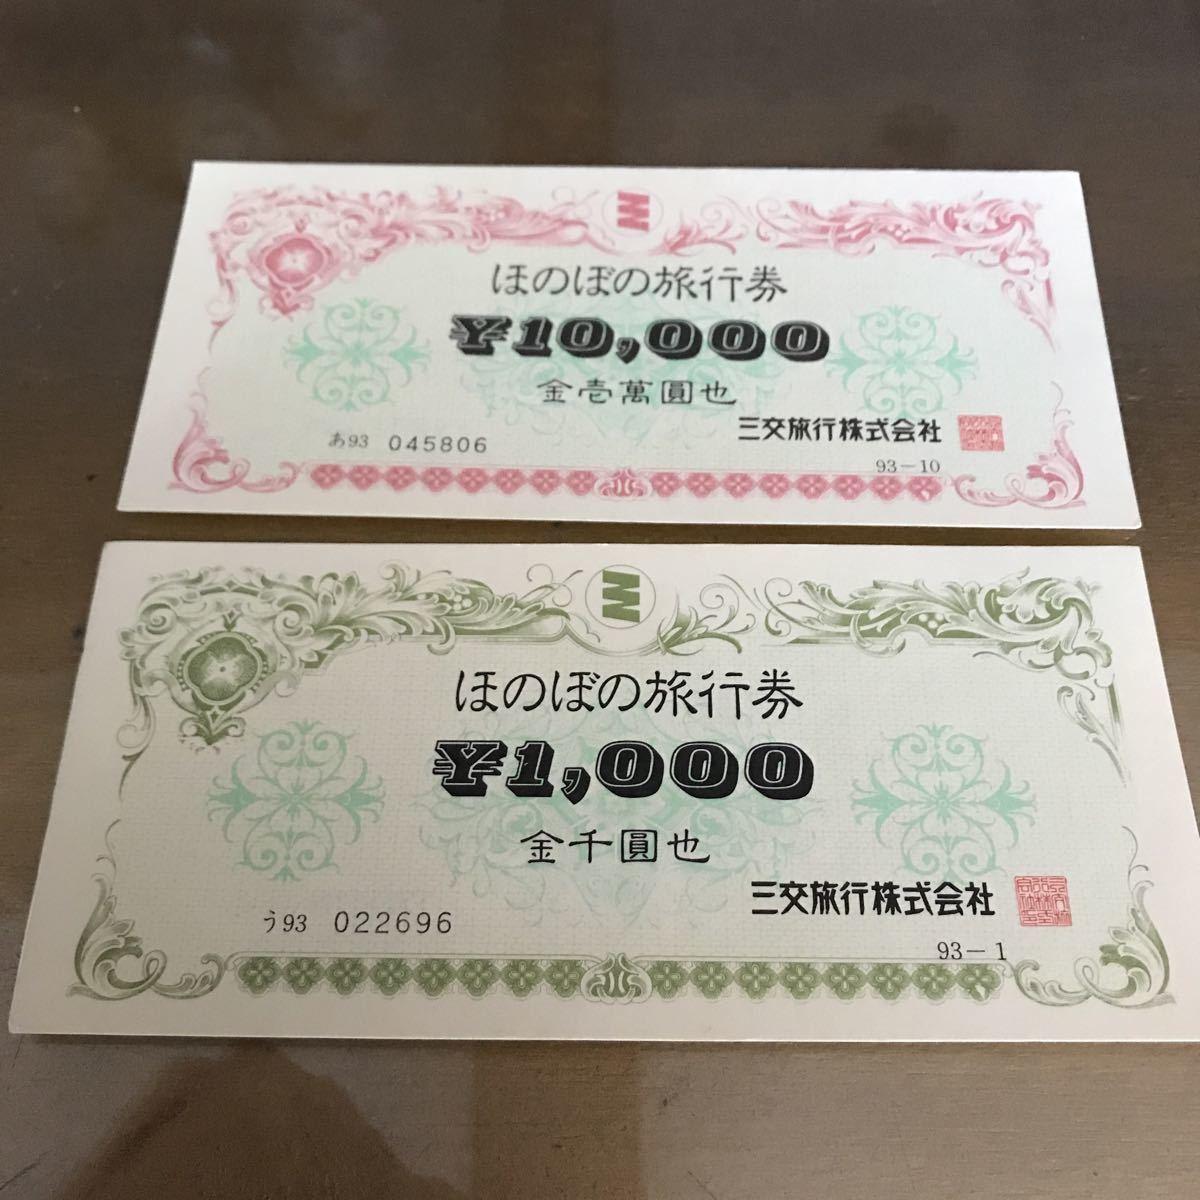 三交旅行 ほのぼの旅行券 53000円分 送料無料_画像2